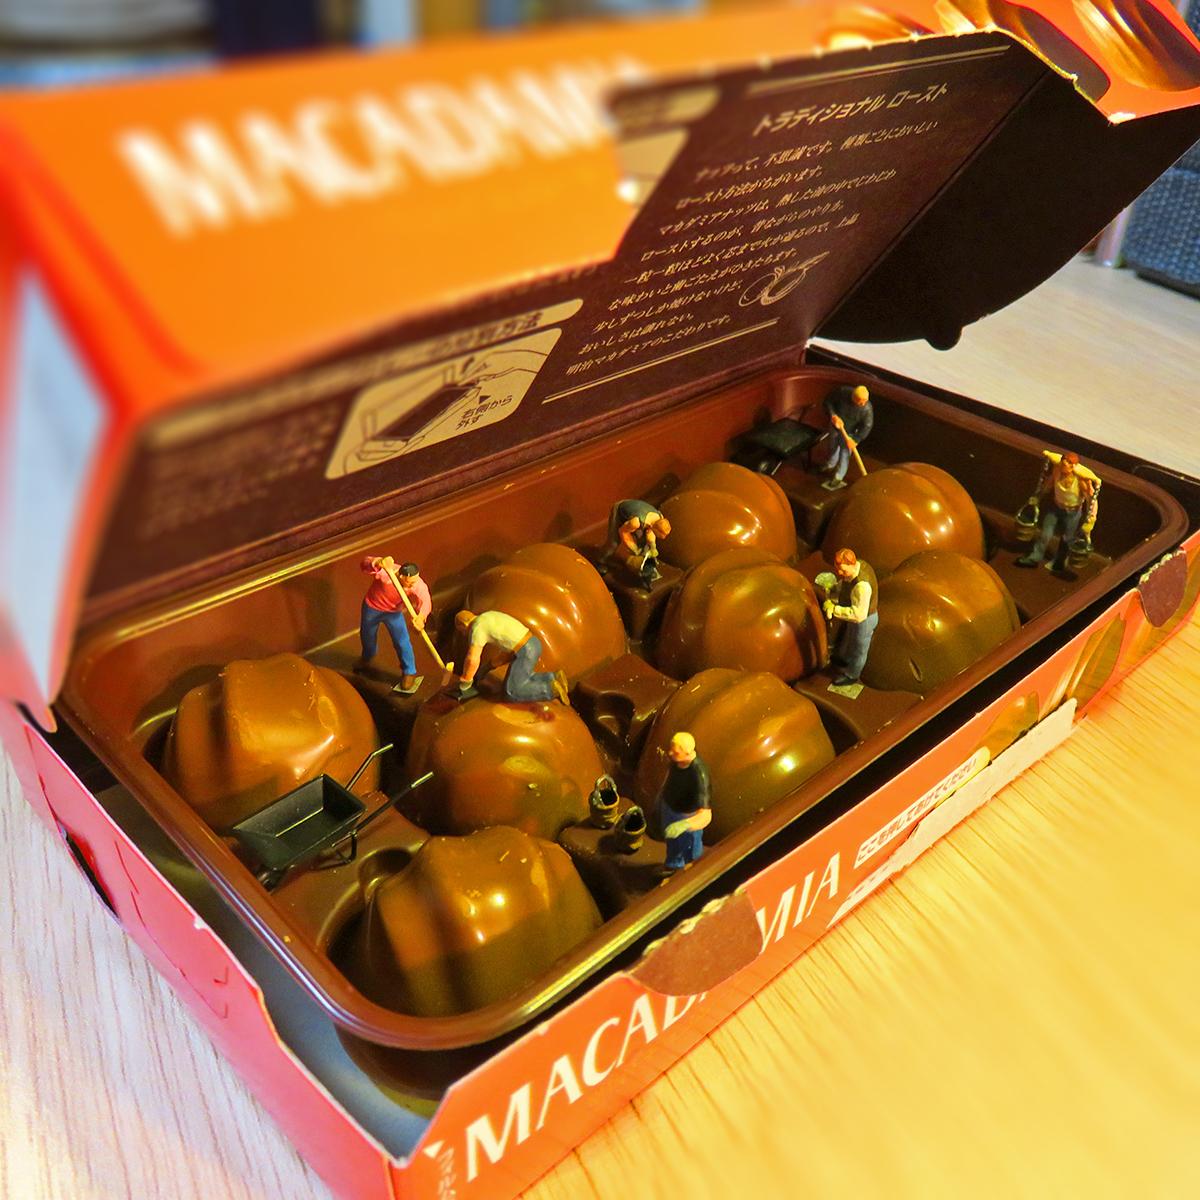 明治マカダミアチョコをこっそり開封したら小さな作業員がチョコレートを作っていた!